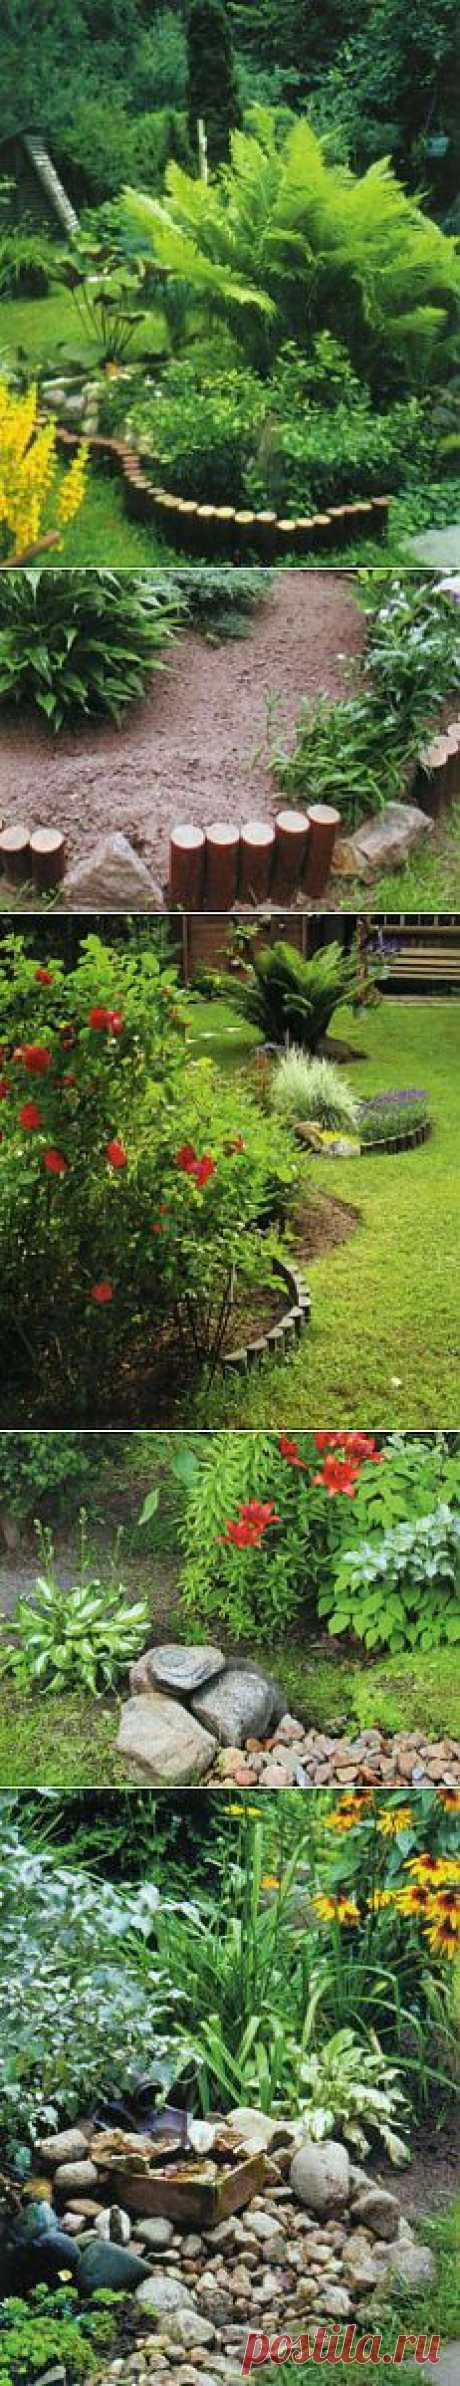 Декоративные заборчики своими руками из цветников и камней | Дача - впрок